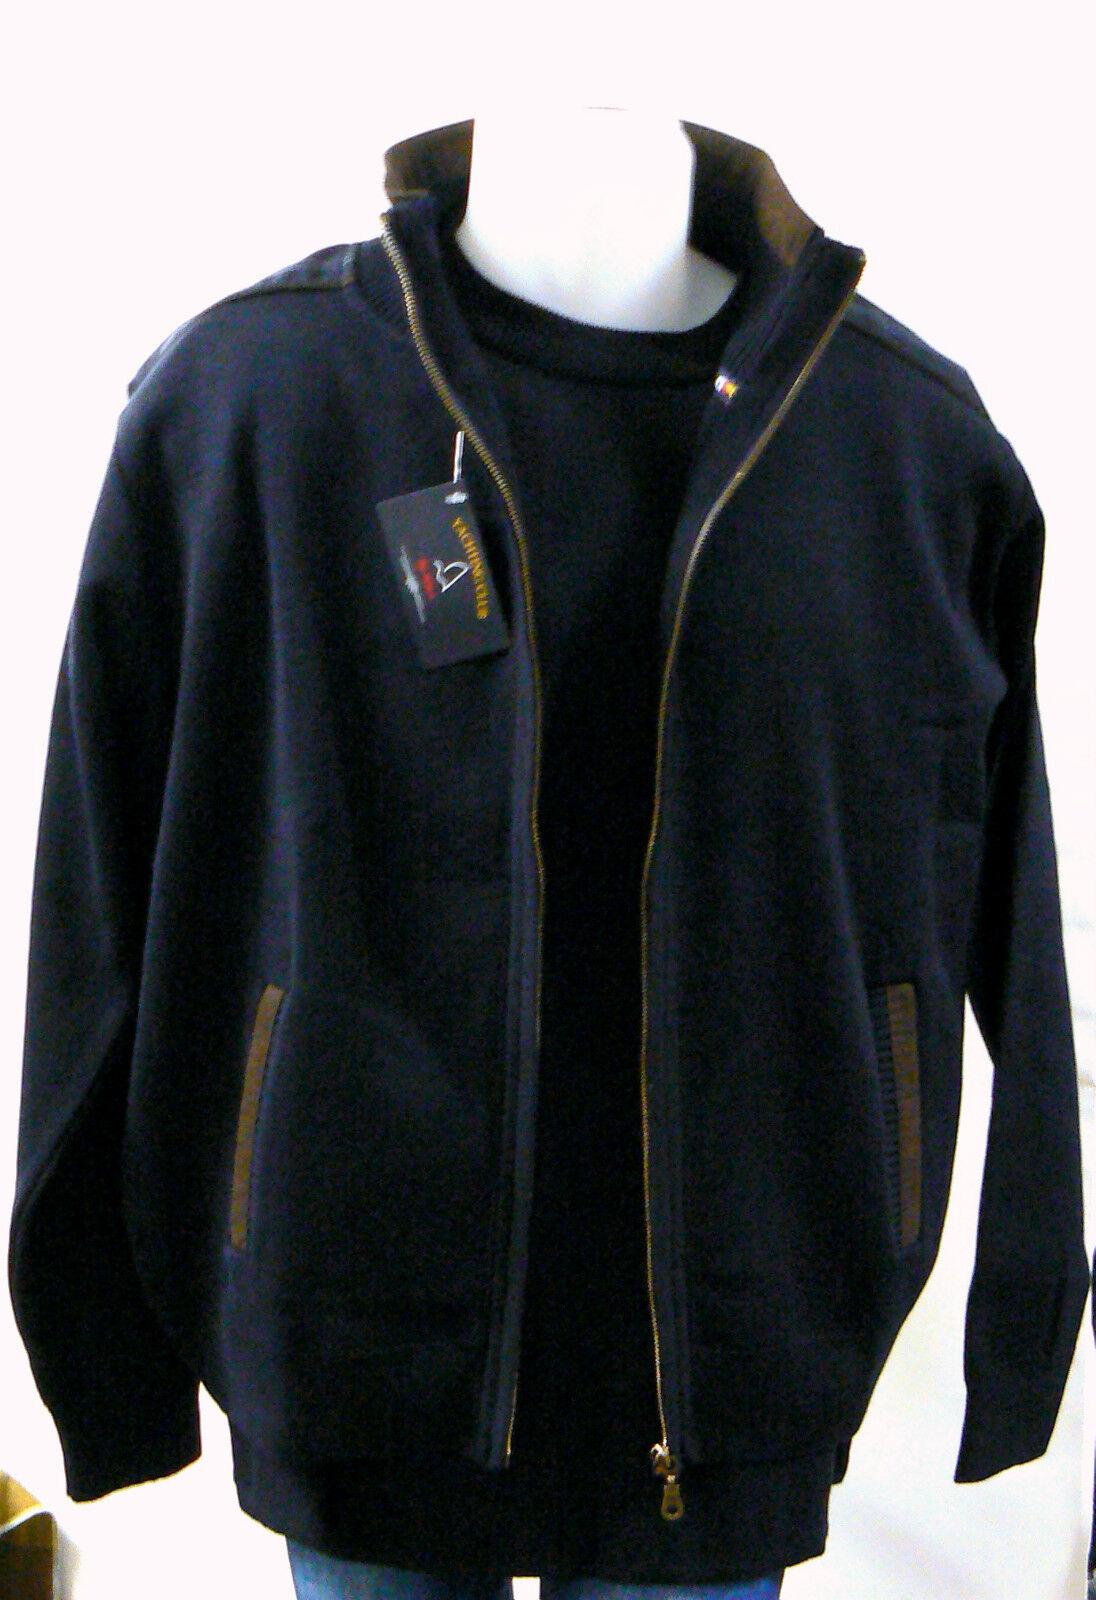 Gilet Blouson Bleu zippé by Win's maille serrée laine mérinos veste homme